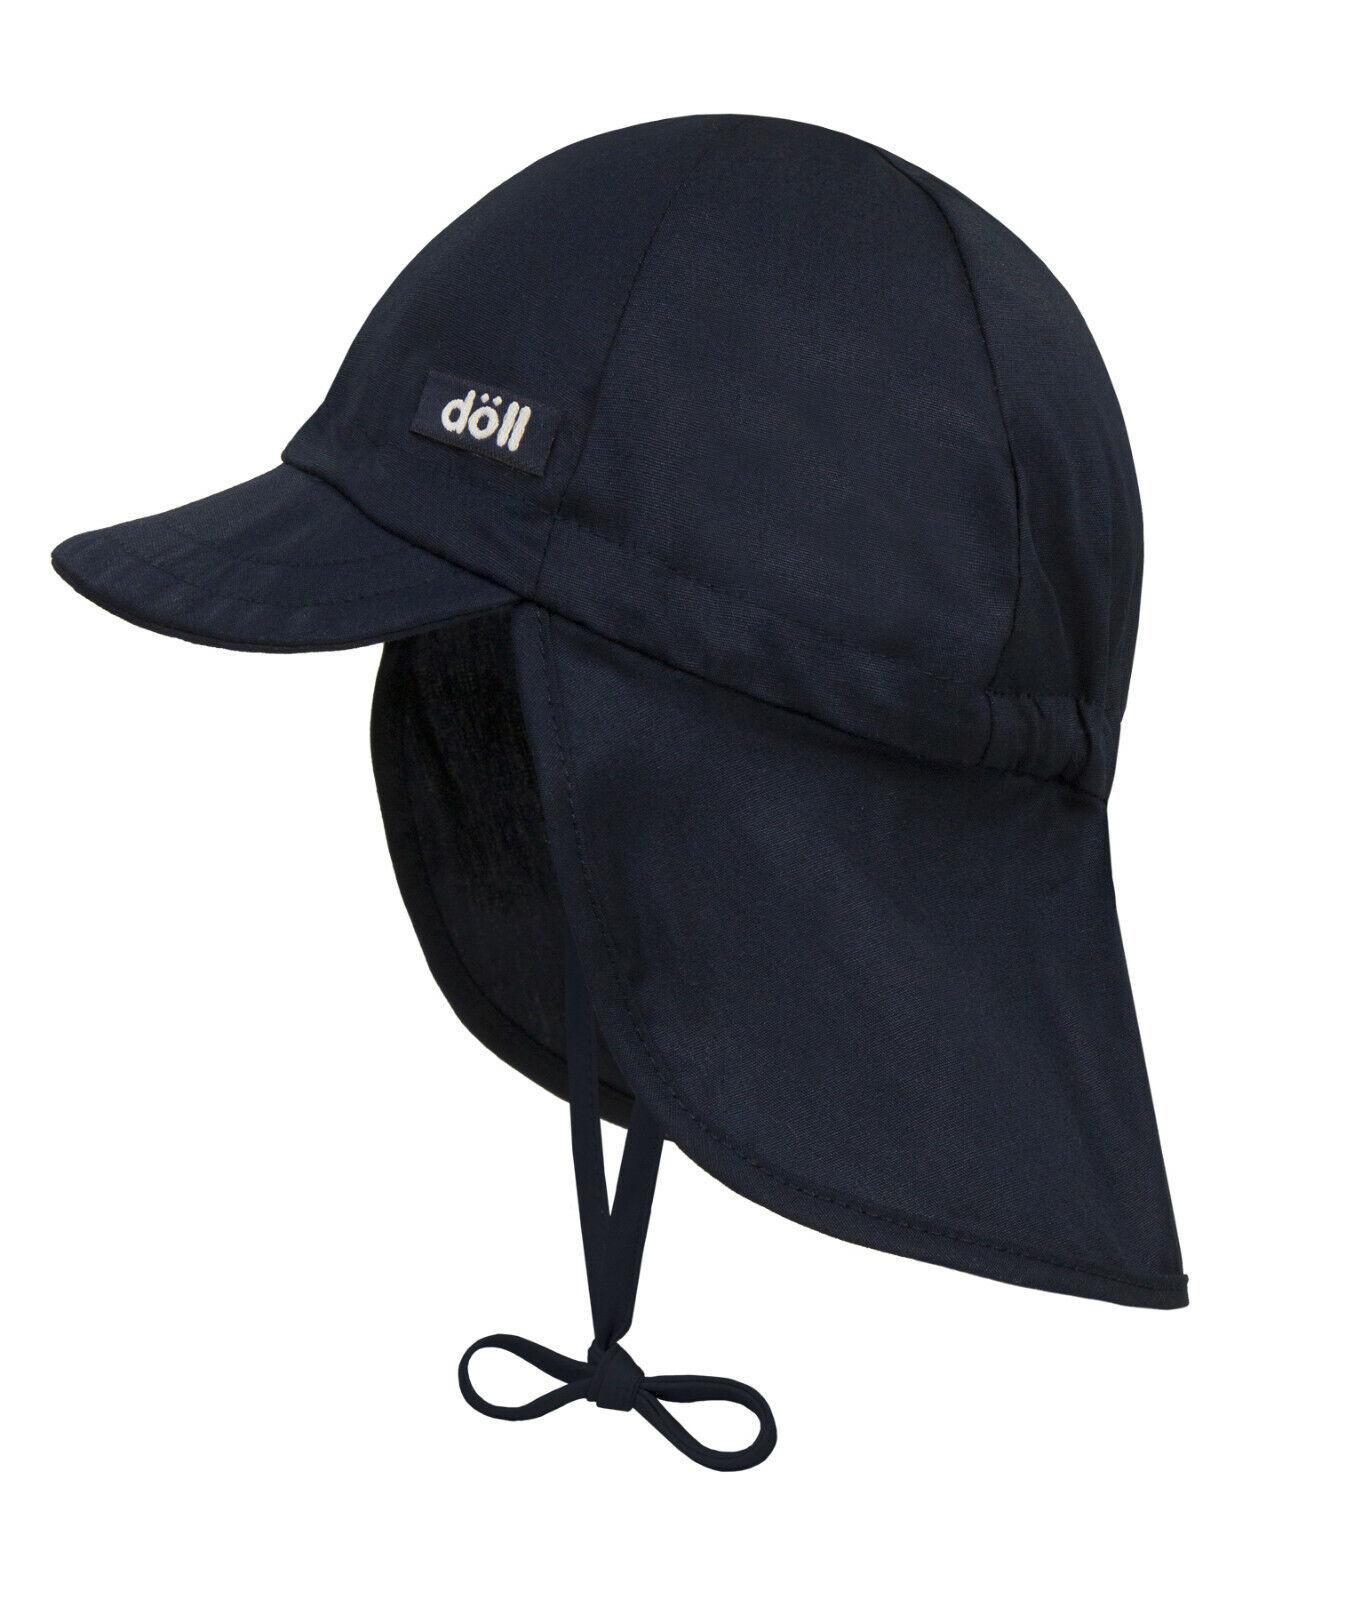 Döll Hut Jungen Mütze Cap Kinderhut Sonnenhut Sonnenschutz UV Schutz 30 NEU